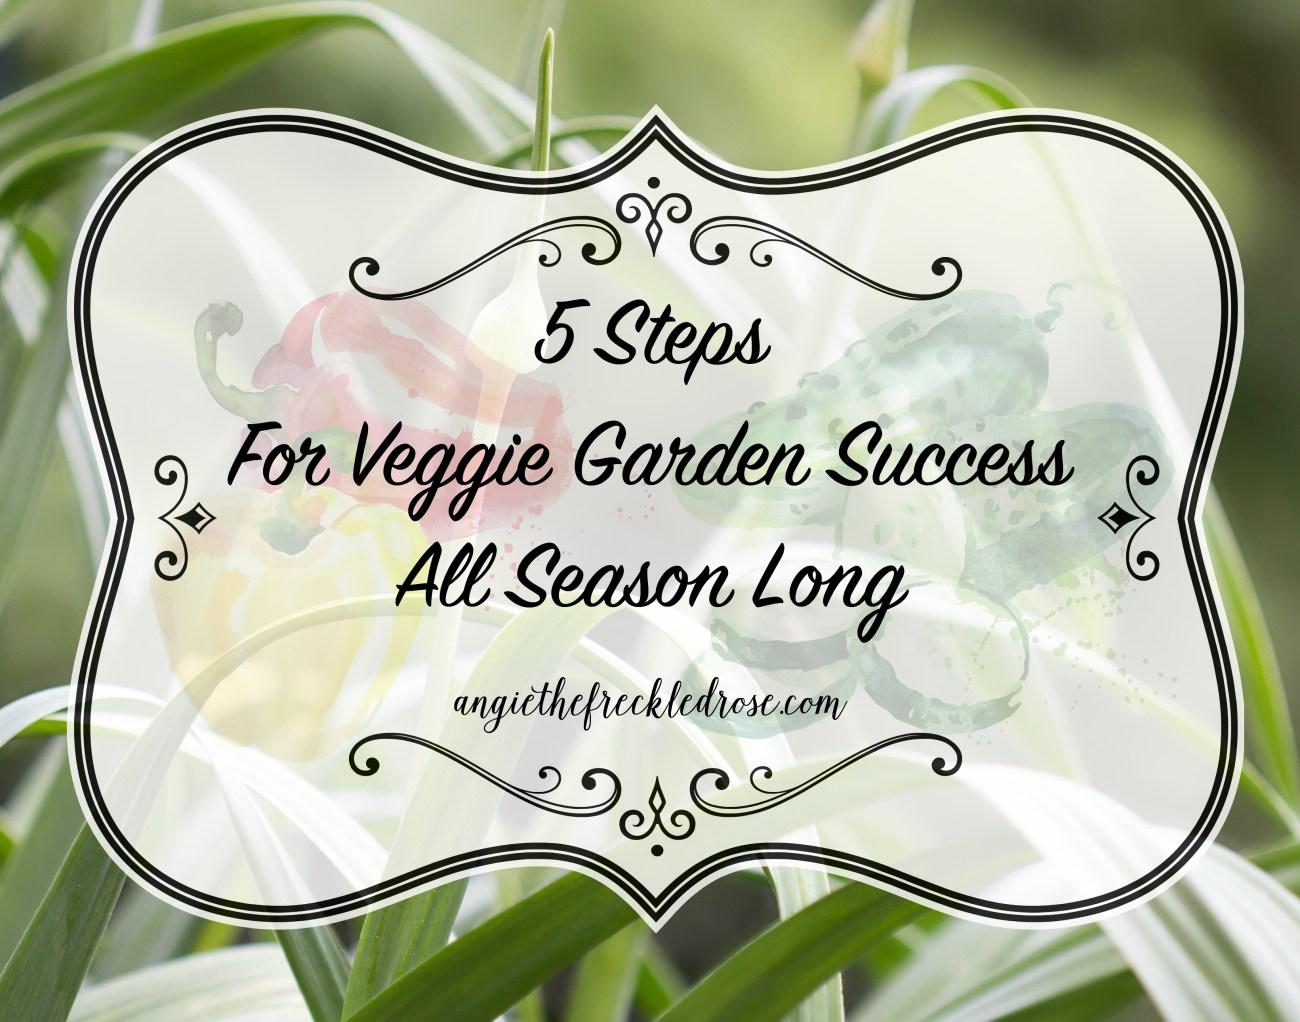 VeggieGardenSuccess